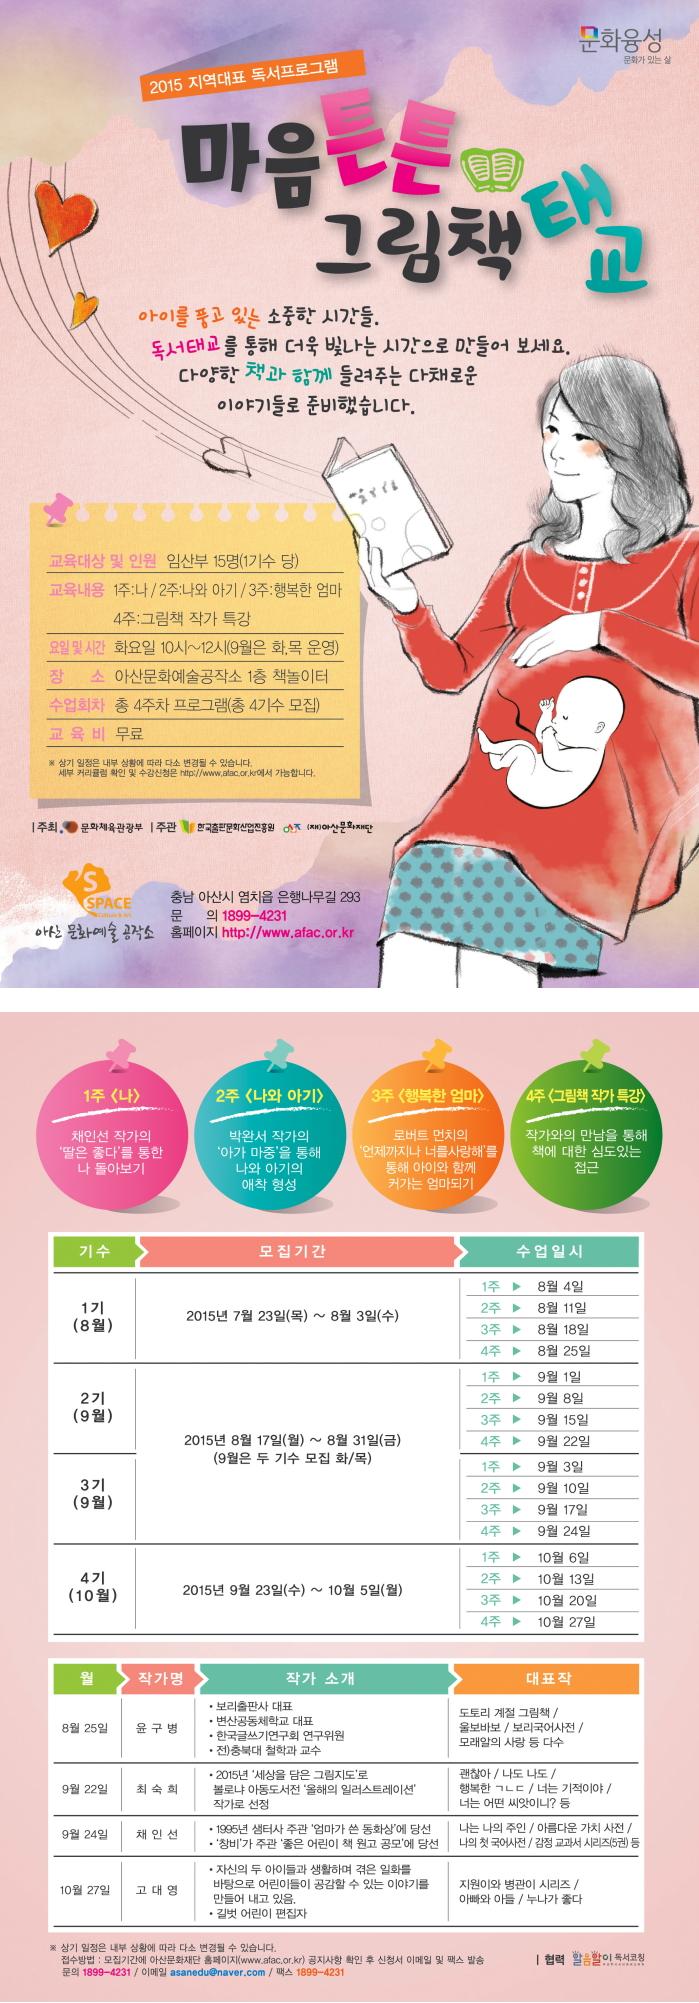 아산문화재단.jpg